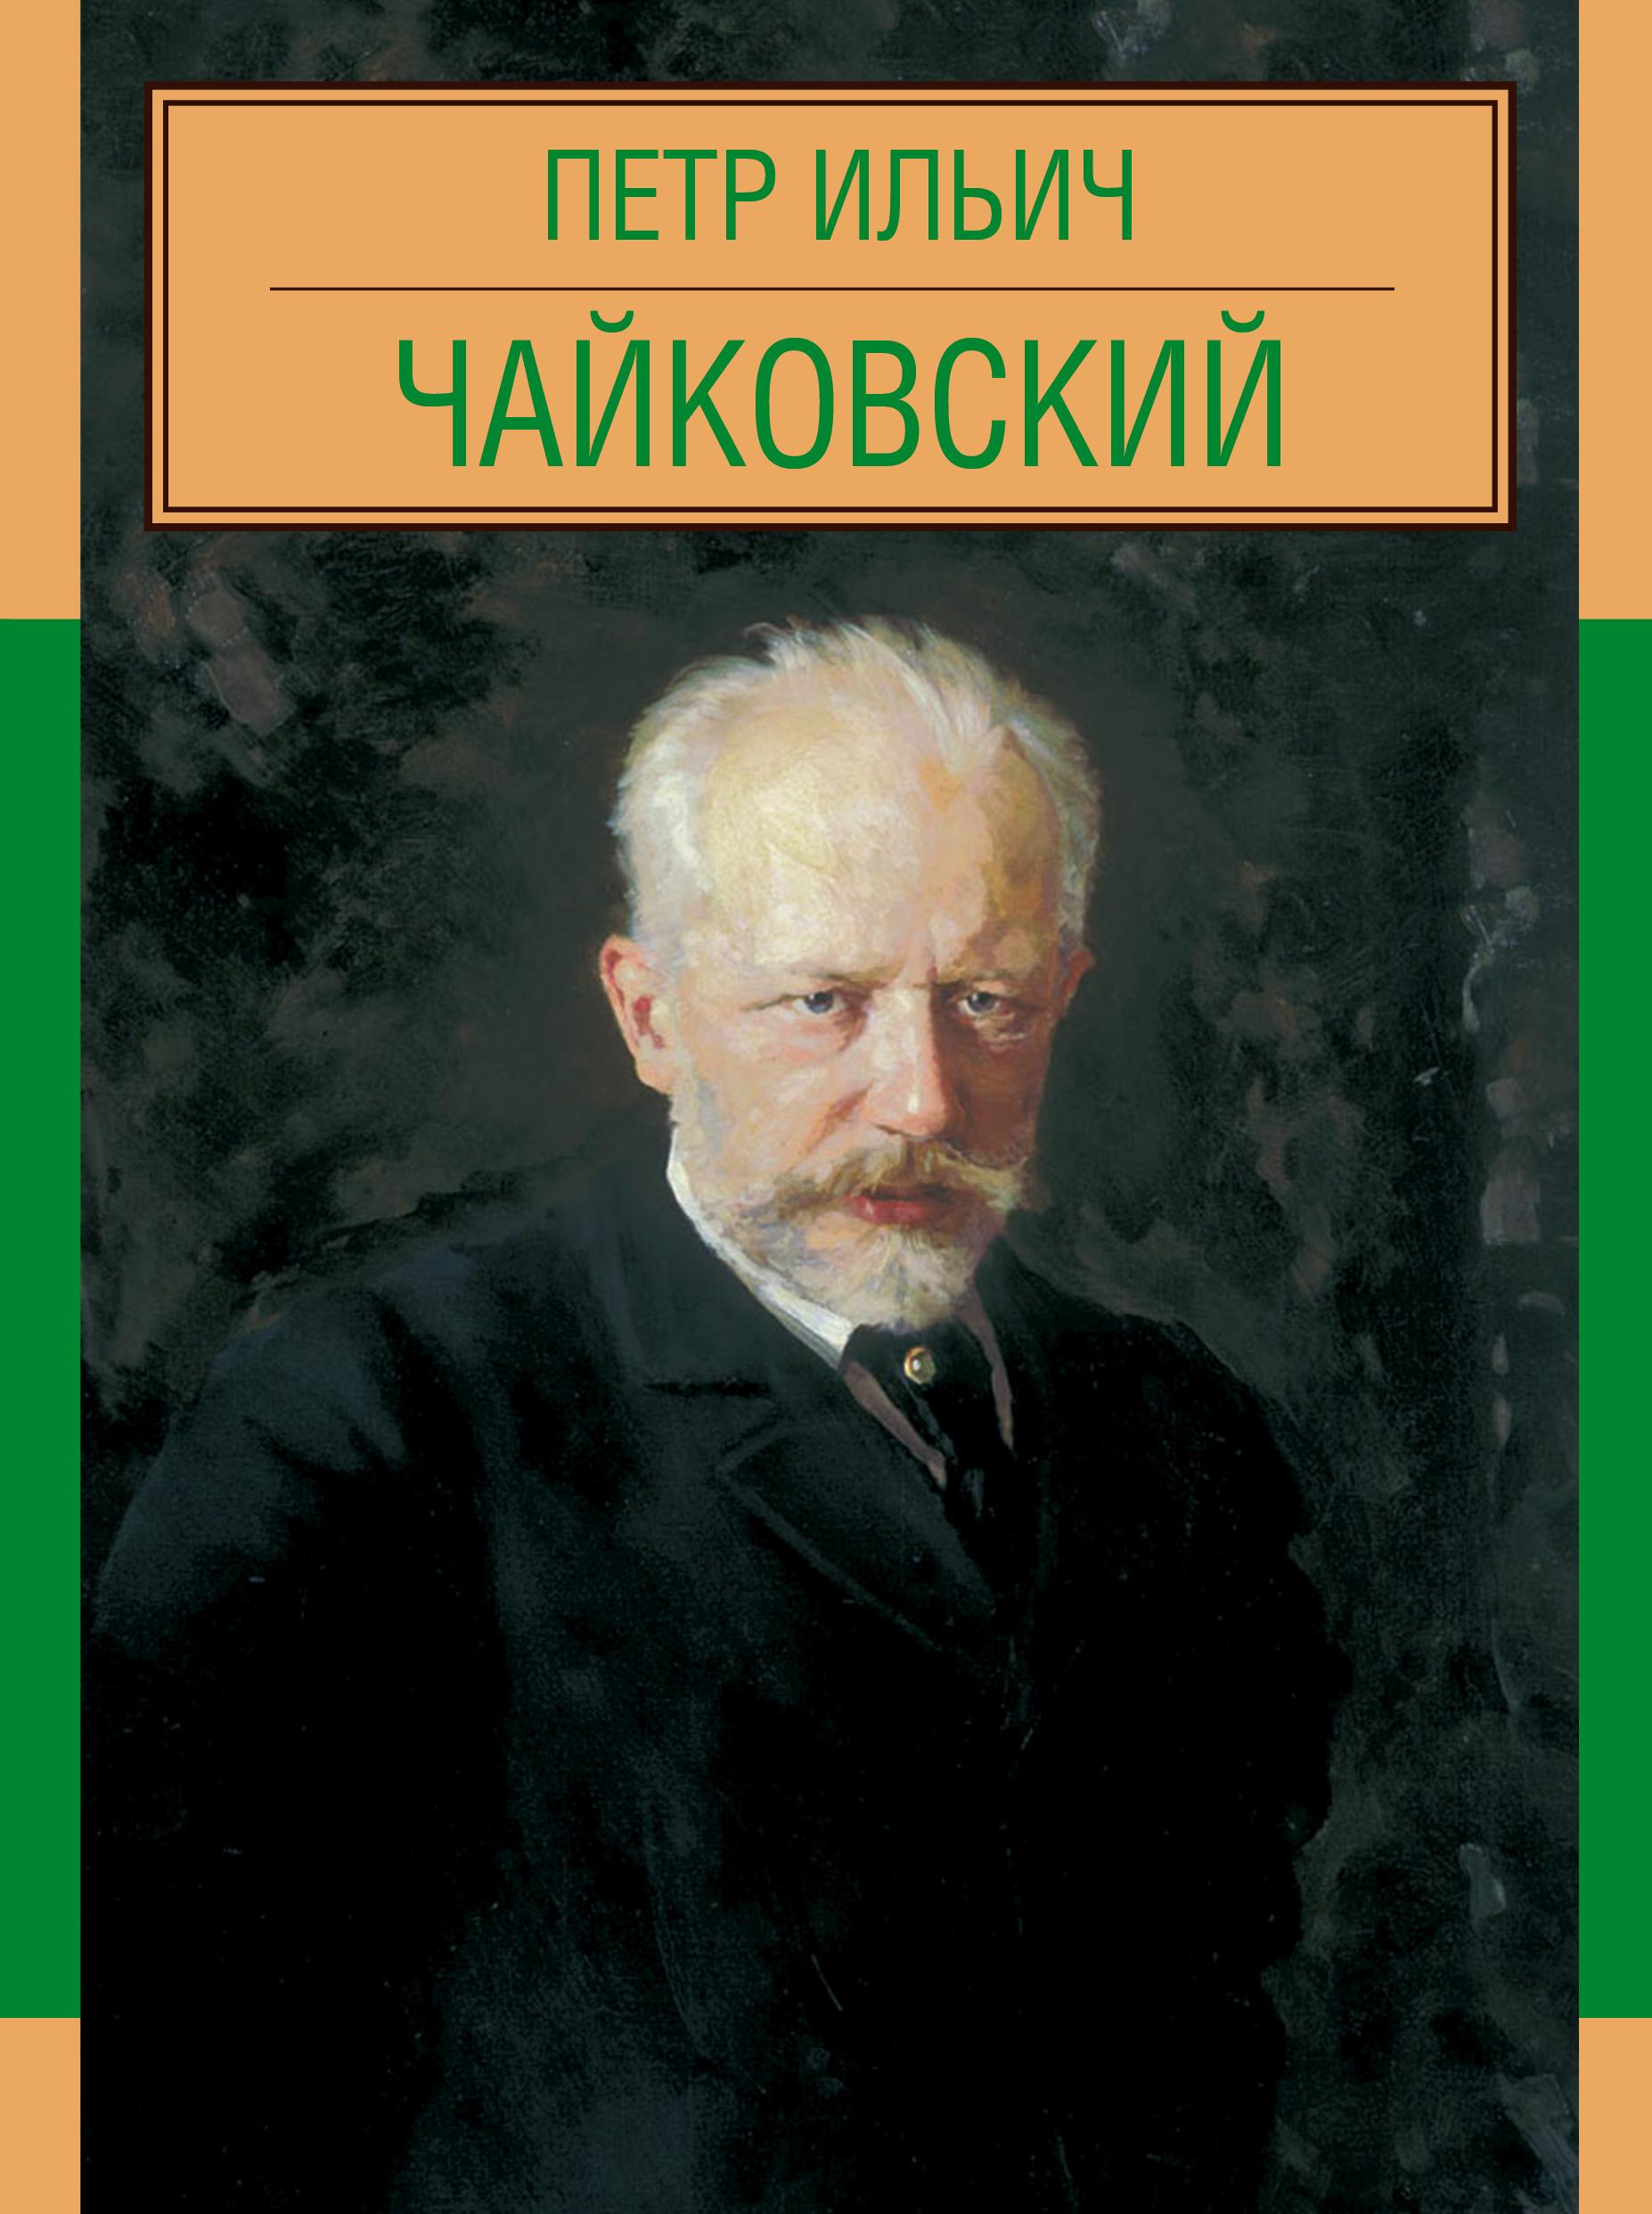 Картинка чайковский, поздравлением дня рождения